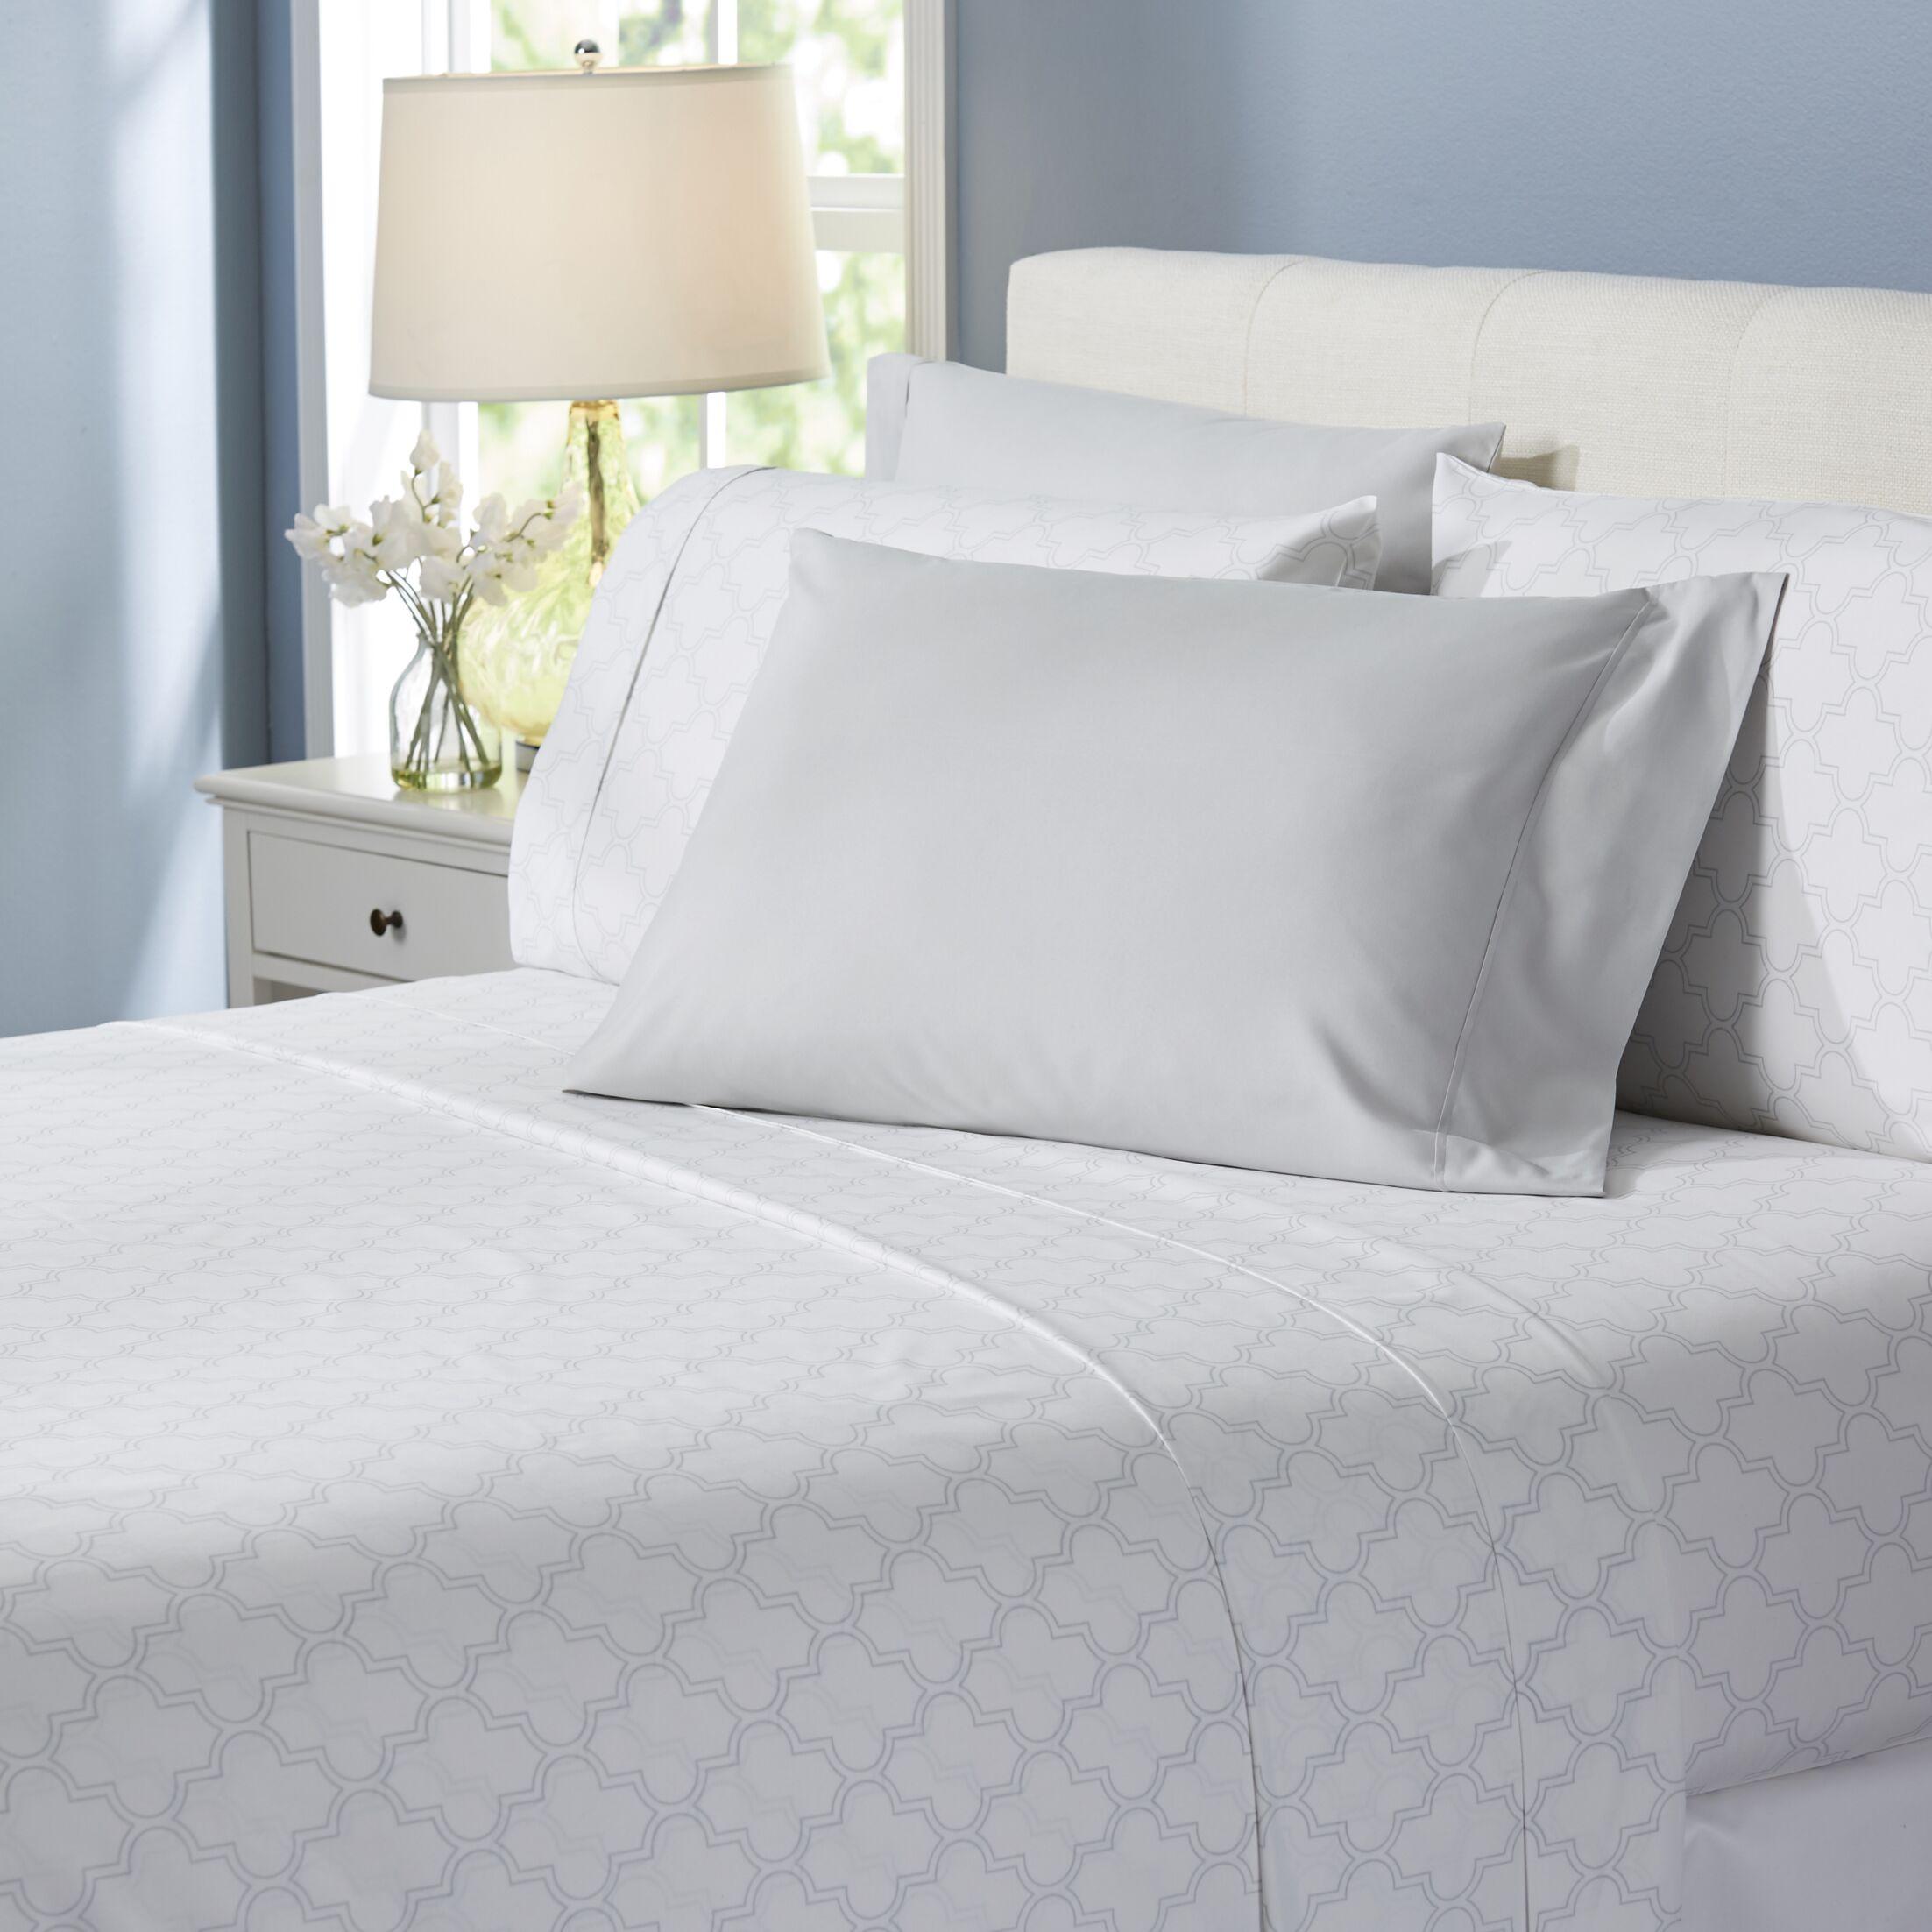 Wayfair Basics Trellis 6 Piece Sheet Set Size: Queen, Color: Lighter Gray